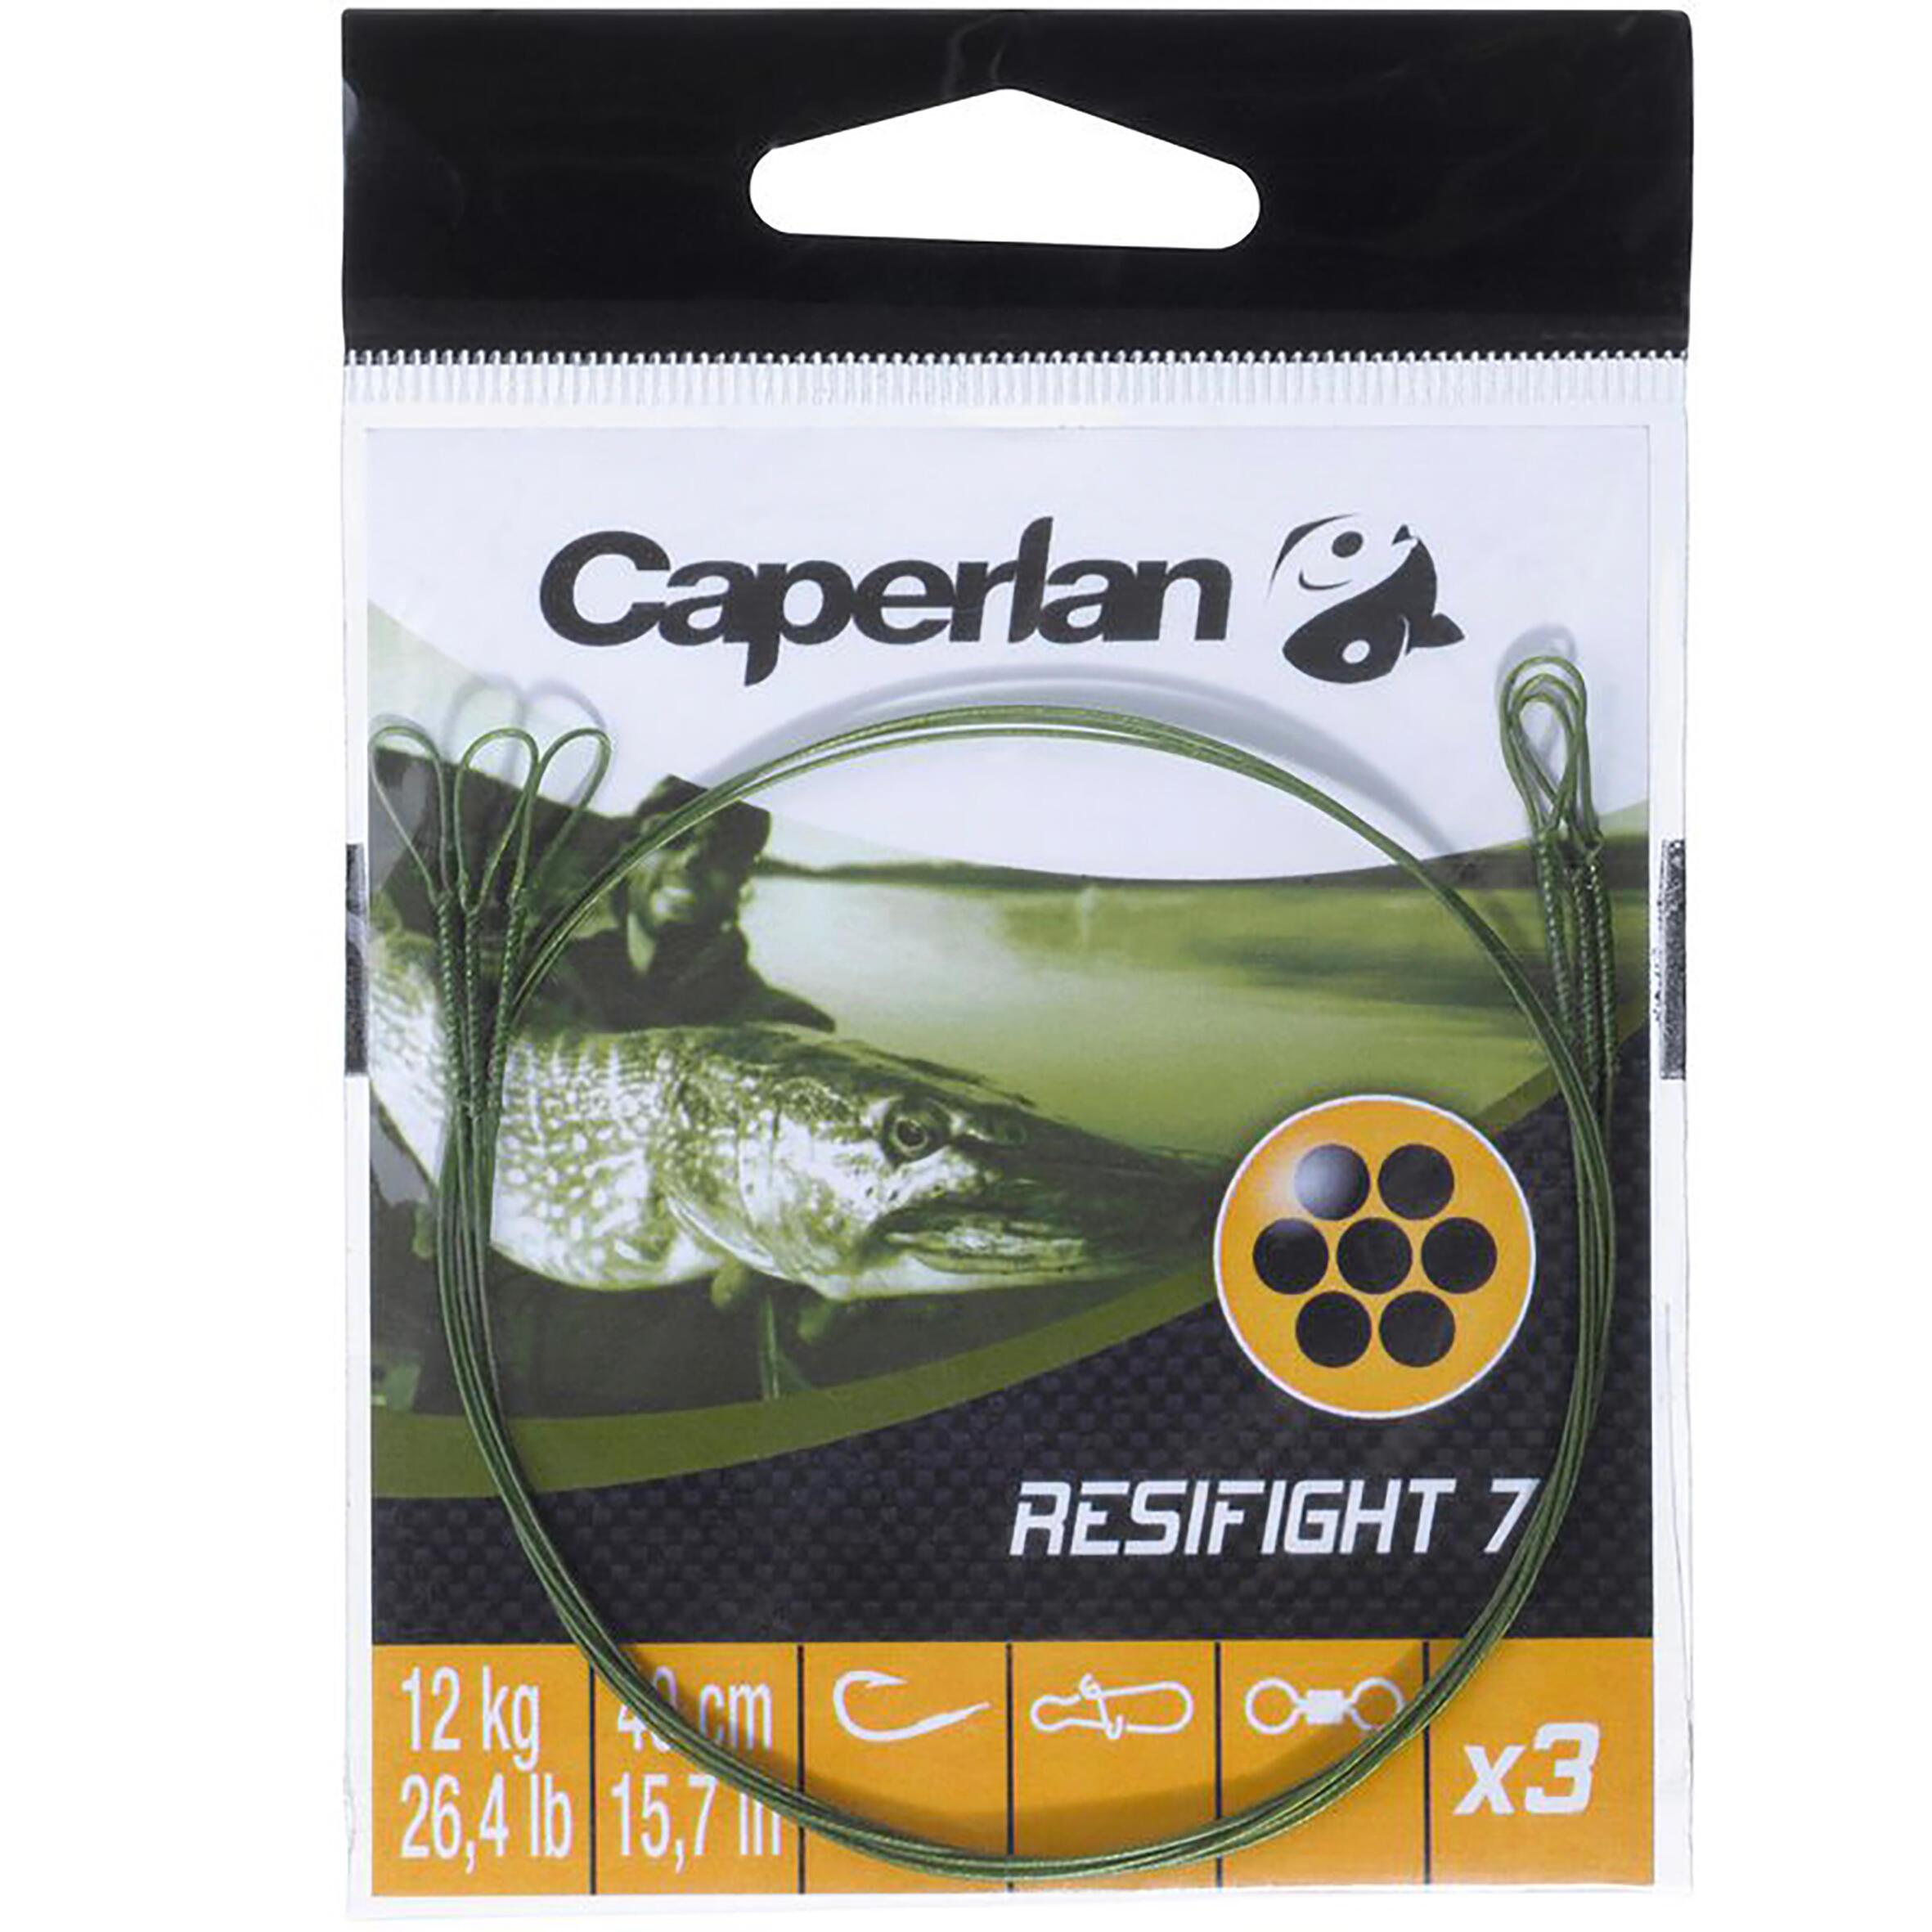 Avançon pêche carnassier RESIFIGHT 7 2 BOUCLES 12 KG x 3